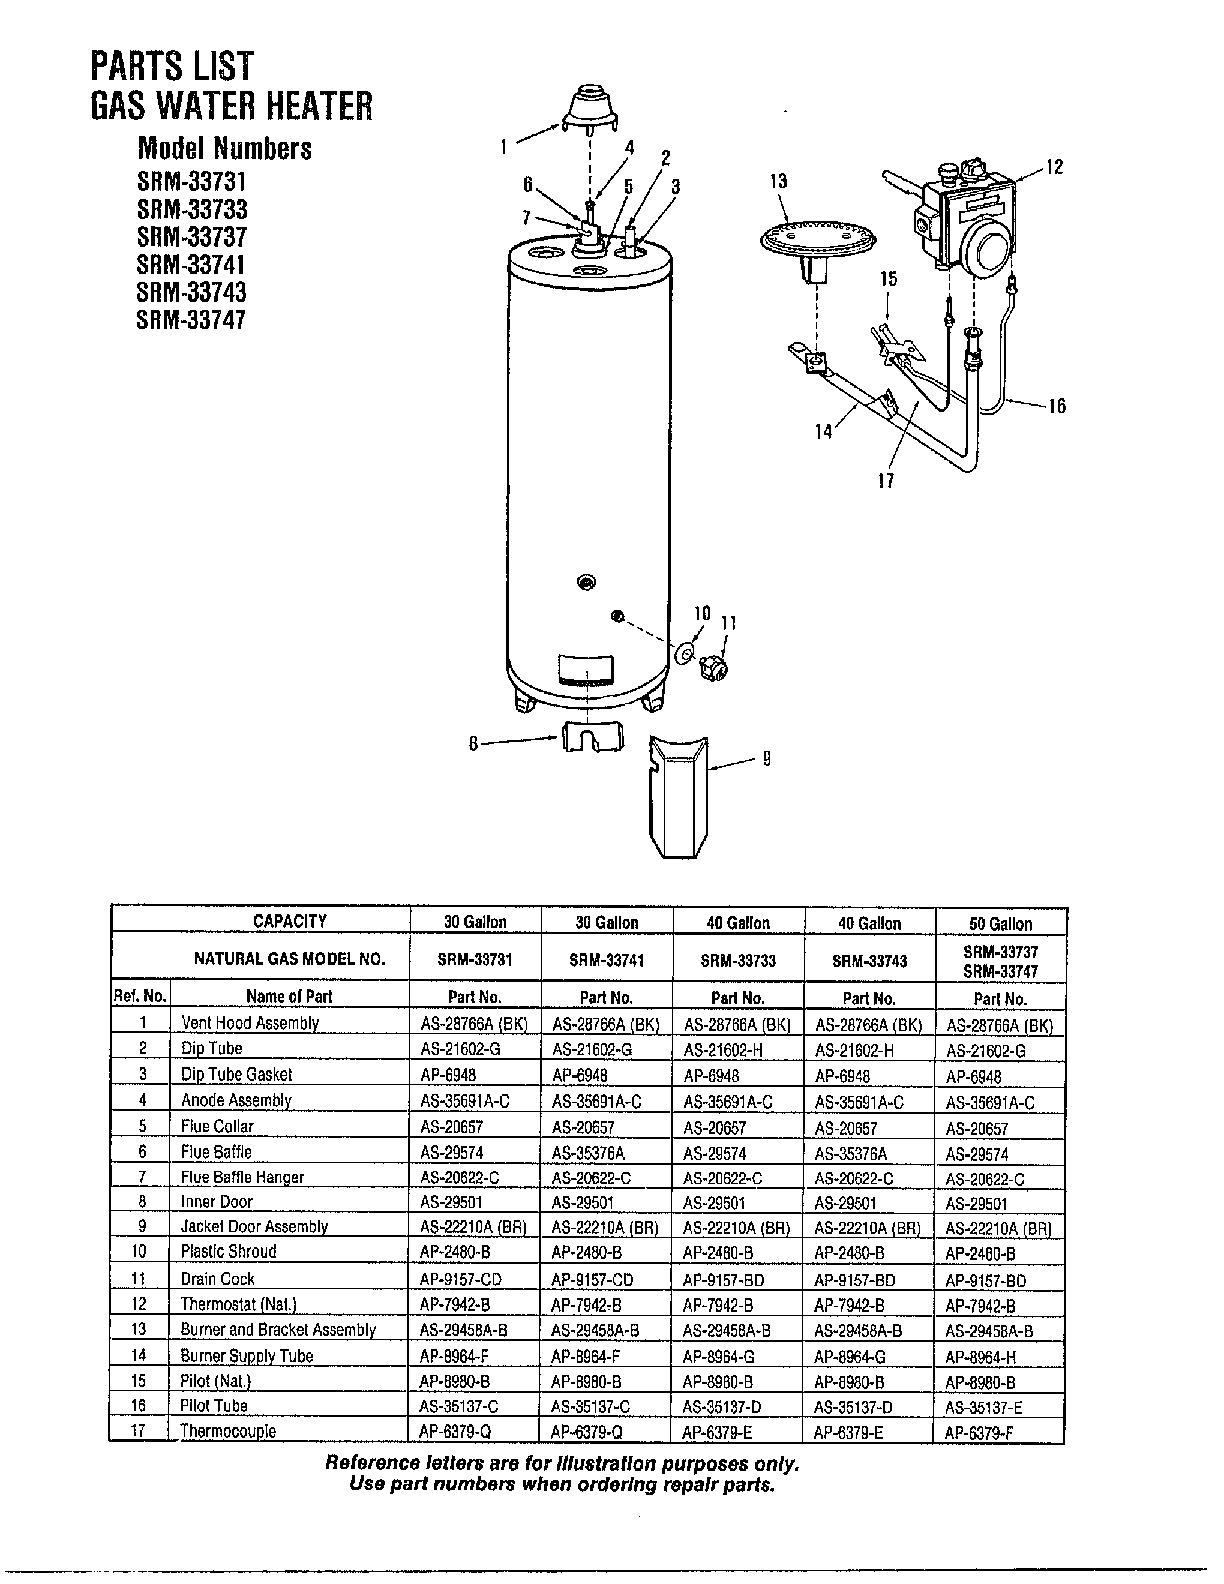 rheem water heater wiring schematic bw 3312  rheem gas hot water heater diagram schematic wiring  rheem gas hot water heater diagram